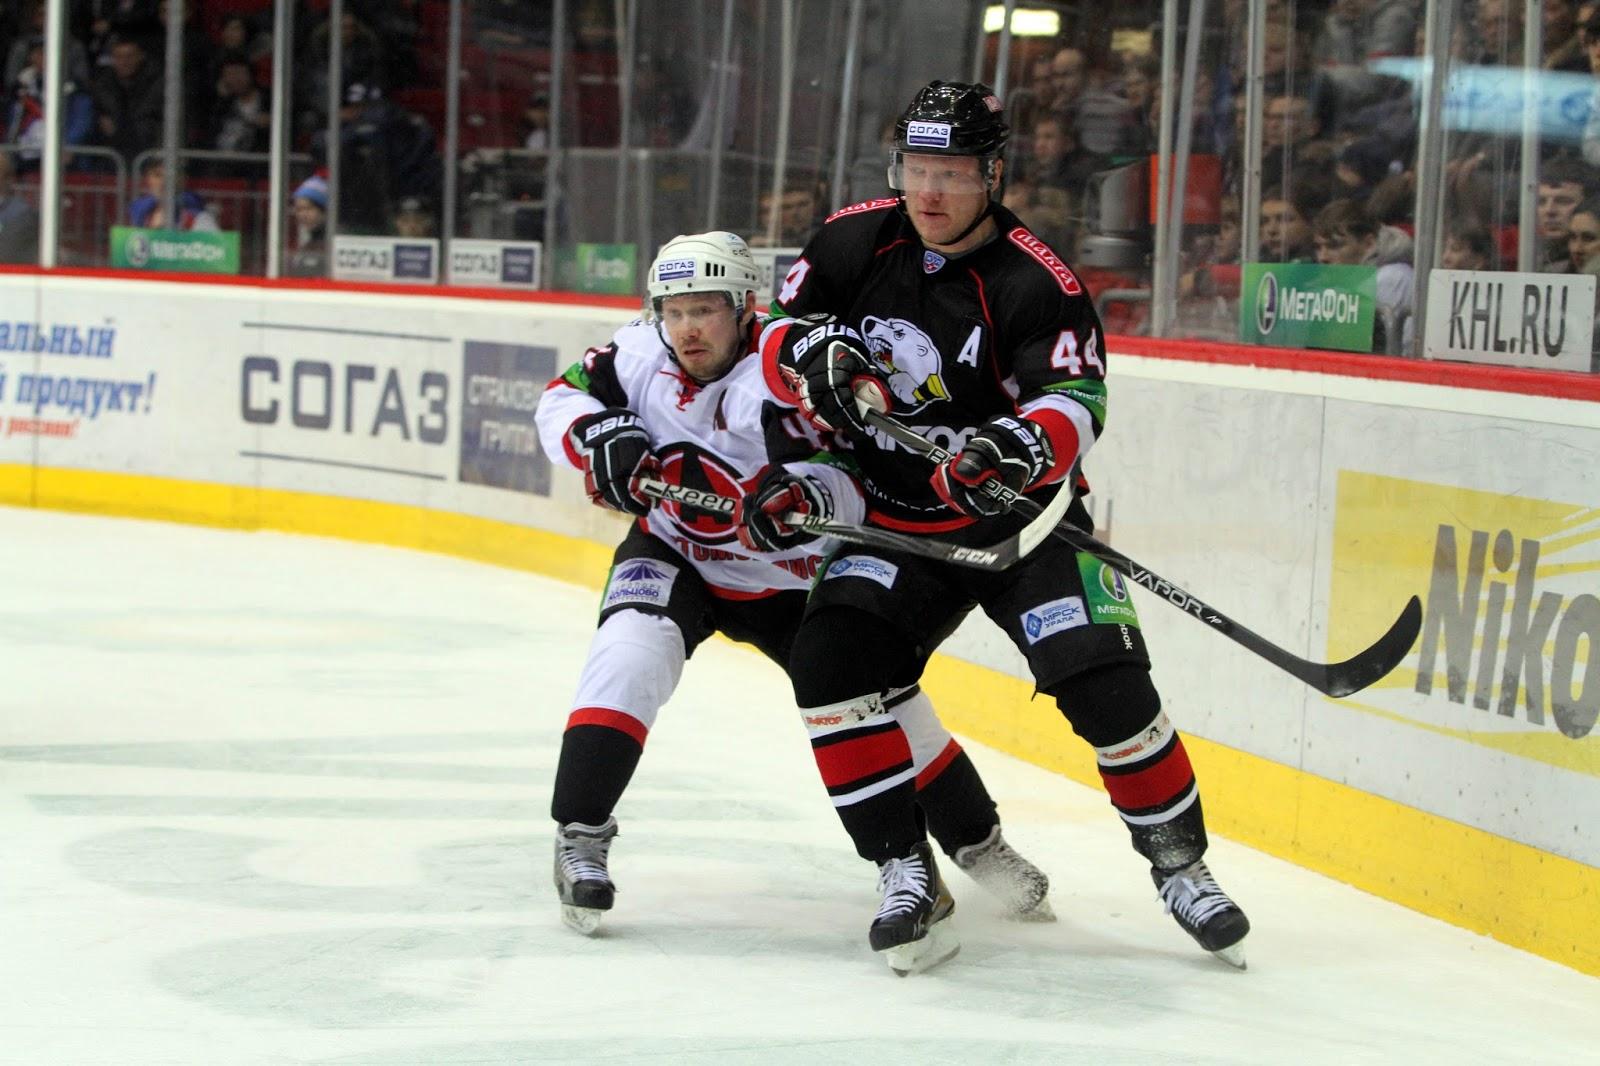 Нападающий СКА-Невы Михаил Мальцев: Нравится меньше бегать, но больше думать на льду Хоккей. Молодежная сборная